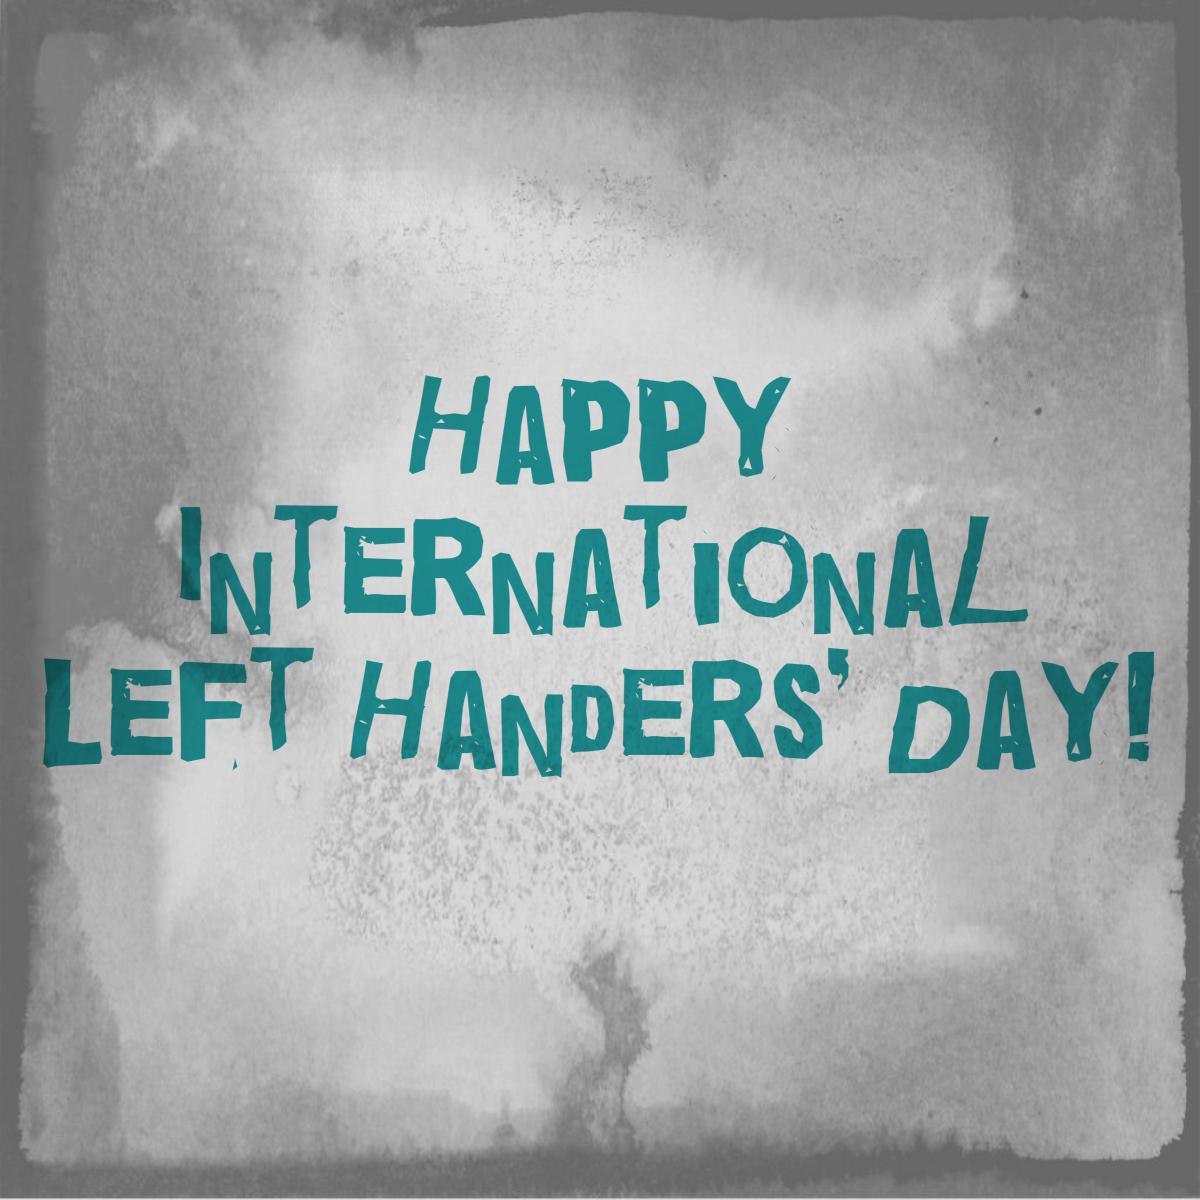 left handers day - photo #23